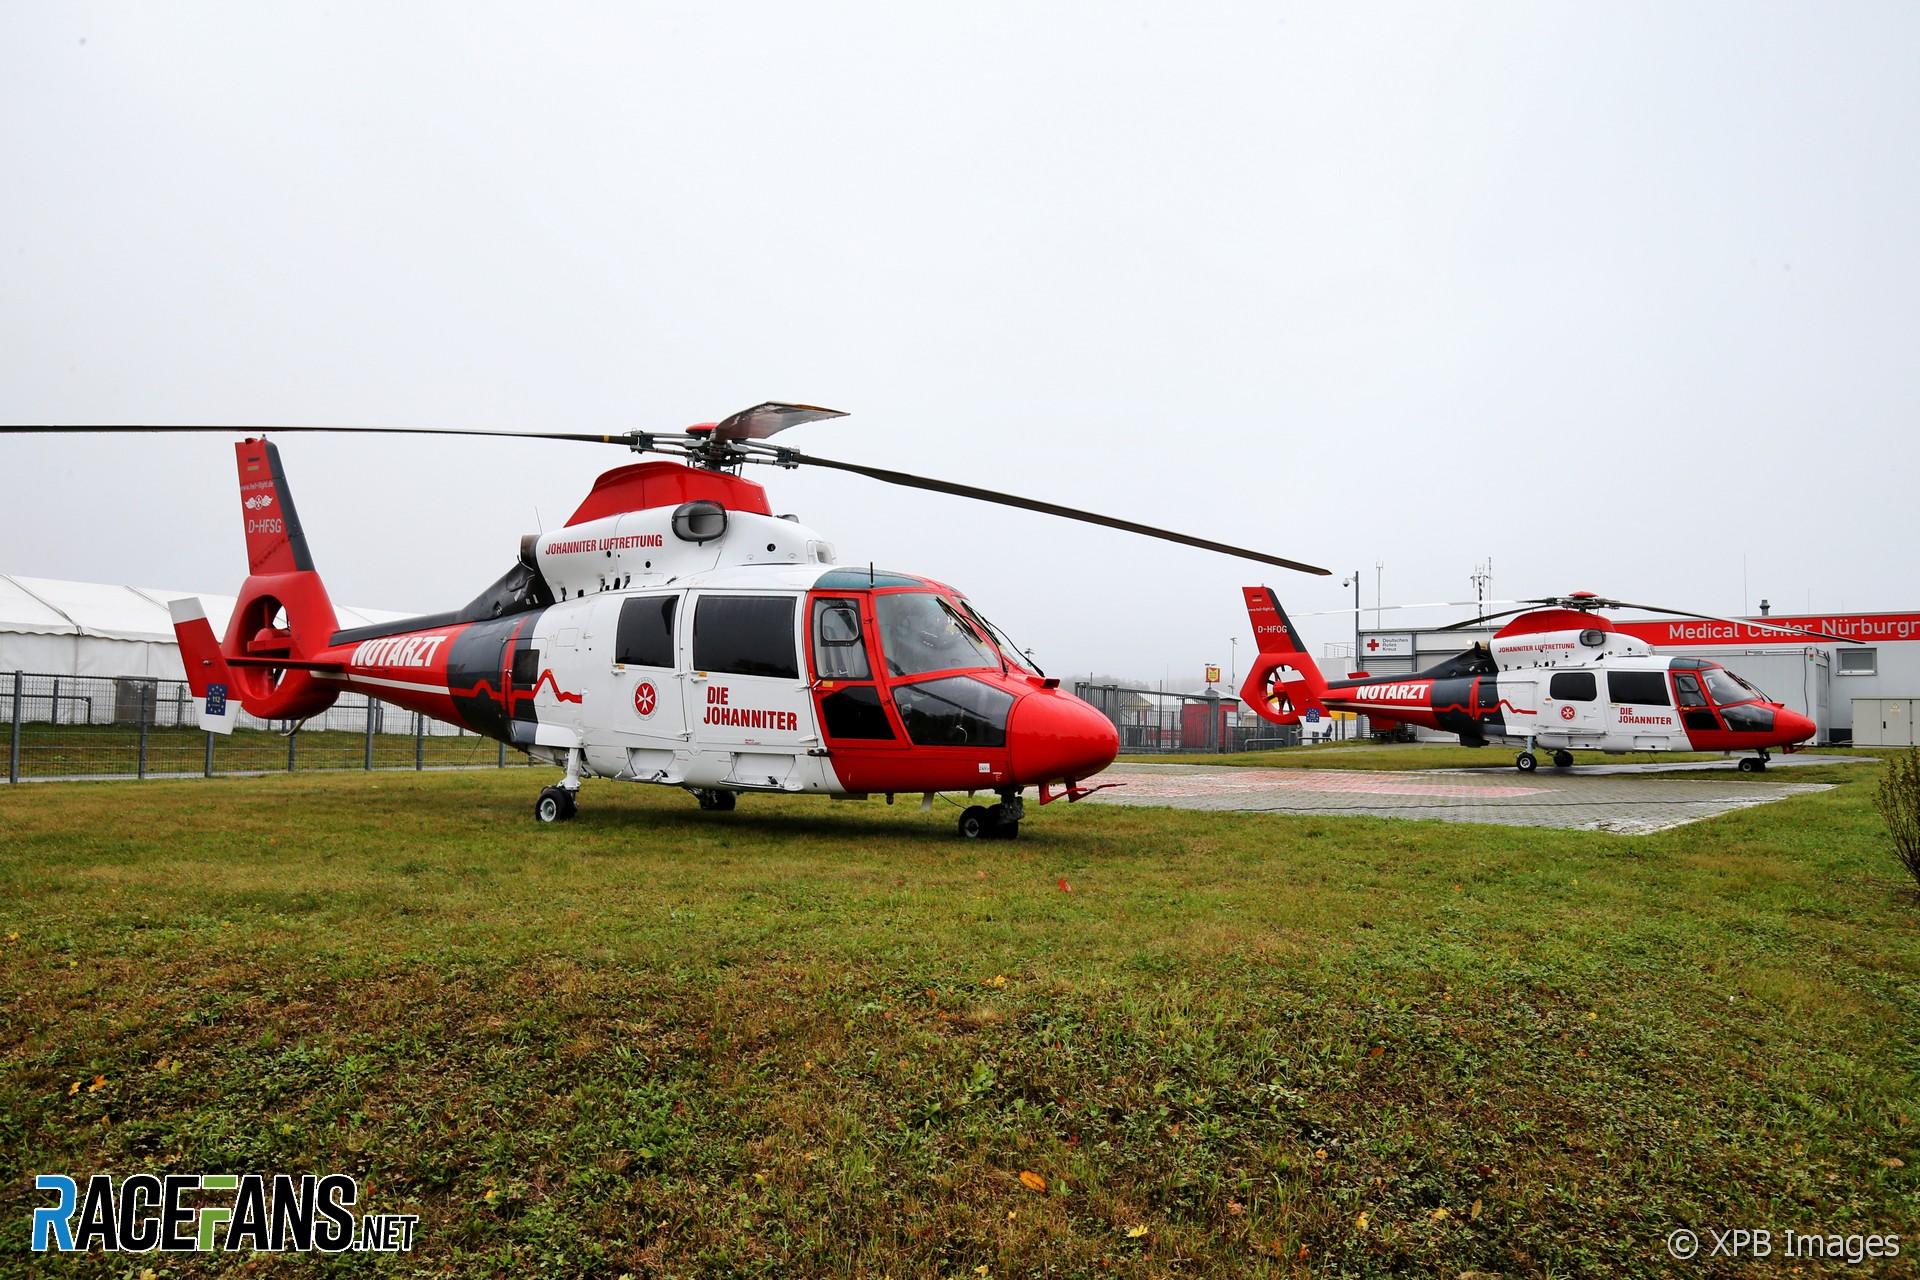 Medical helicopters, Nurburgring, 2020